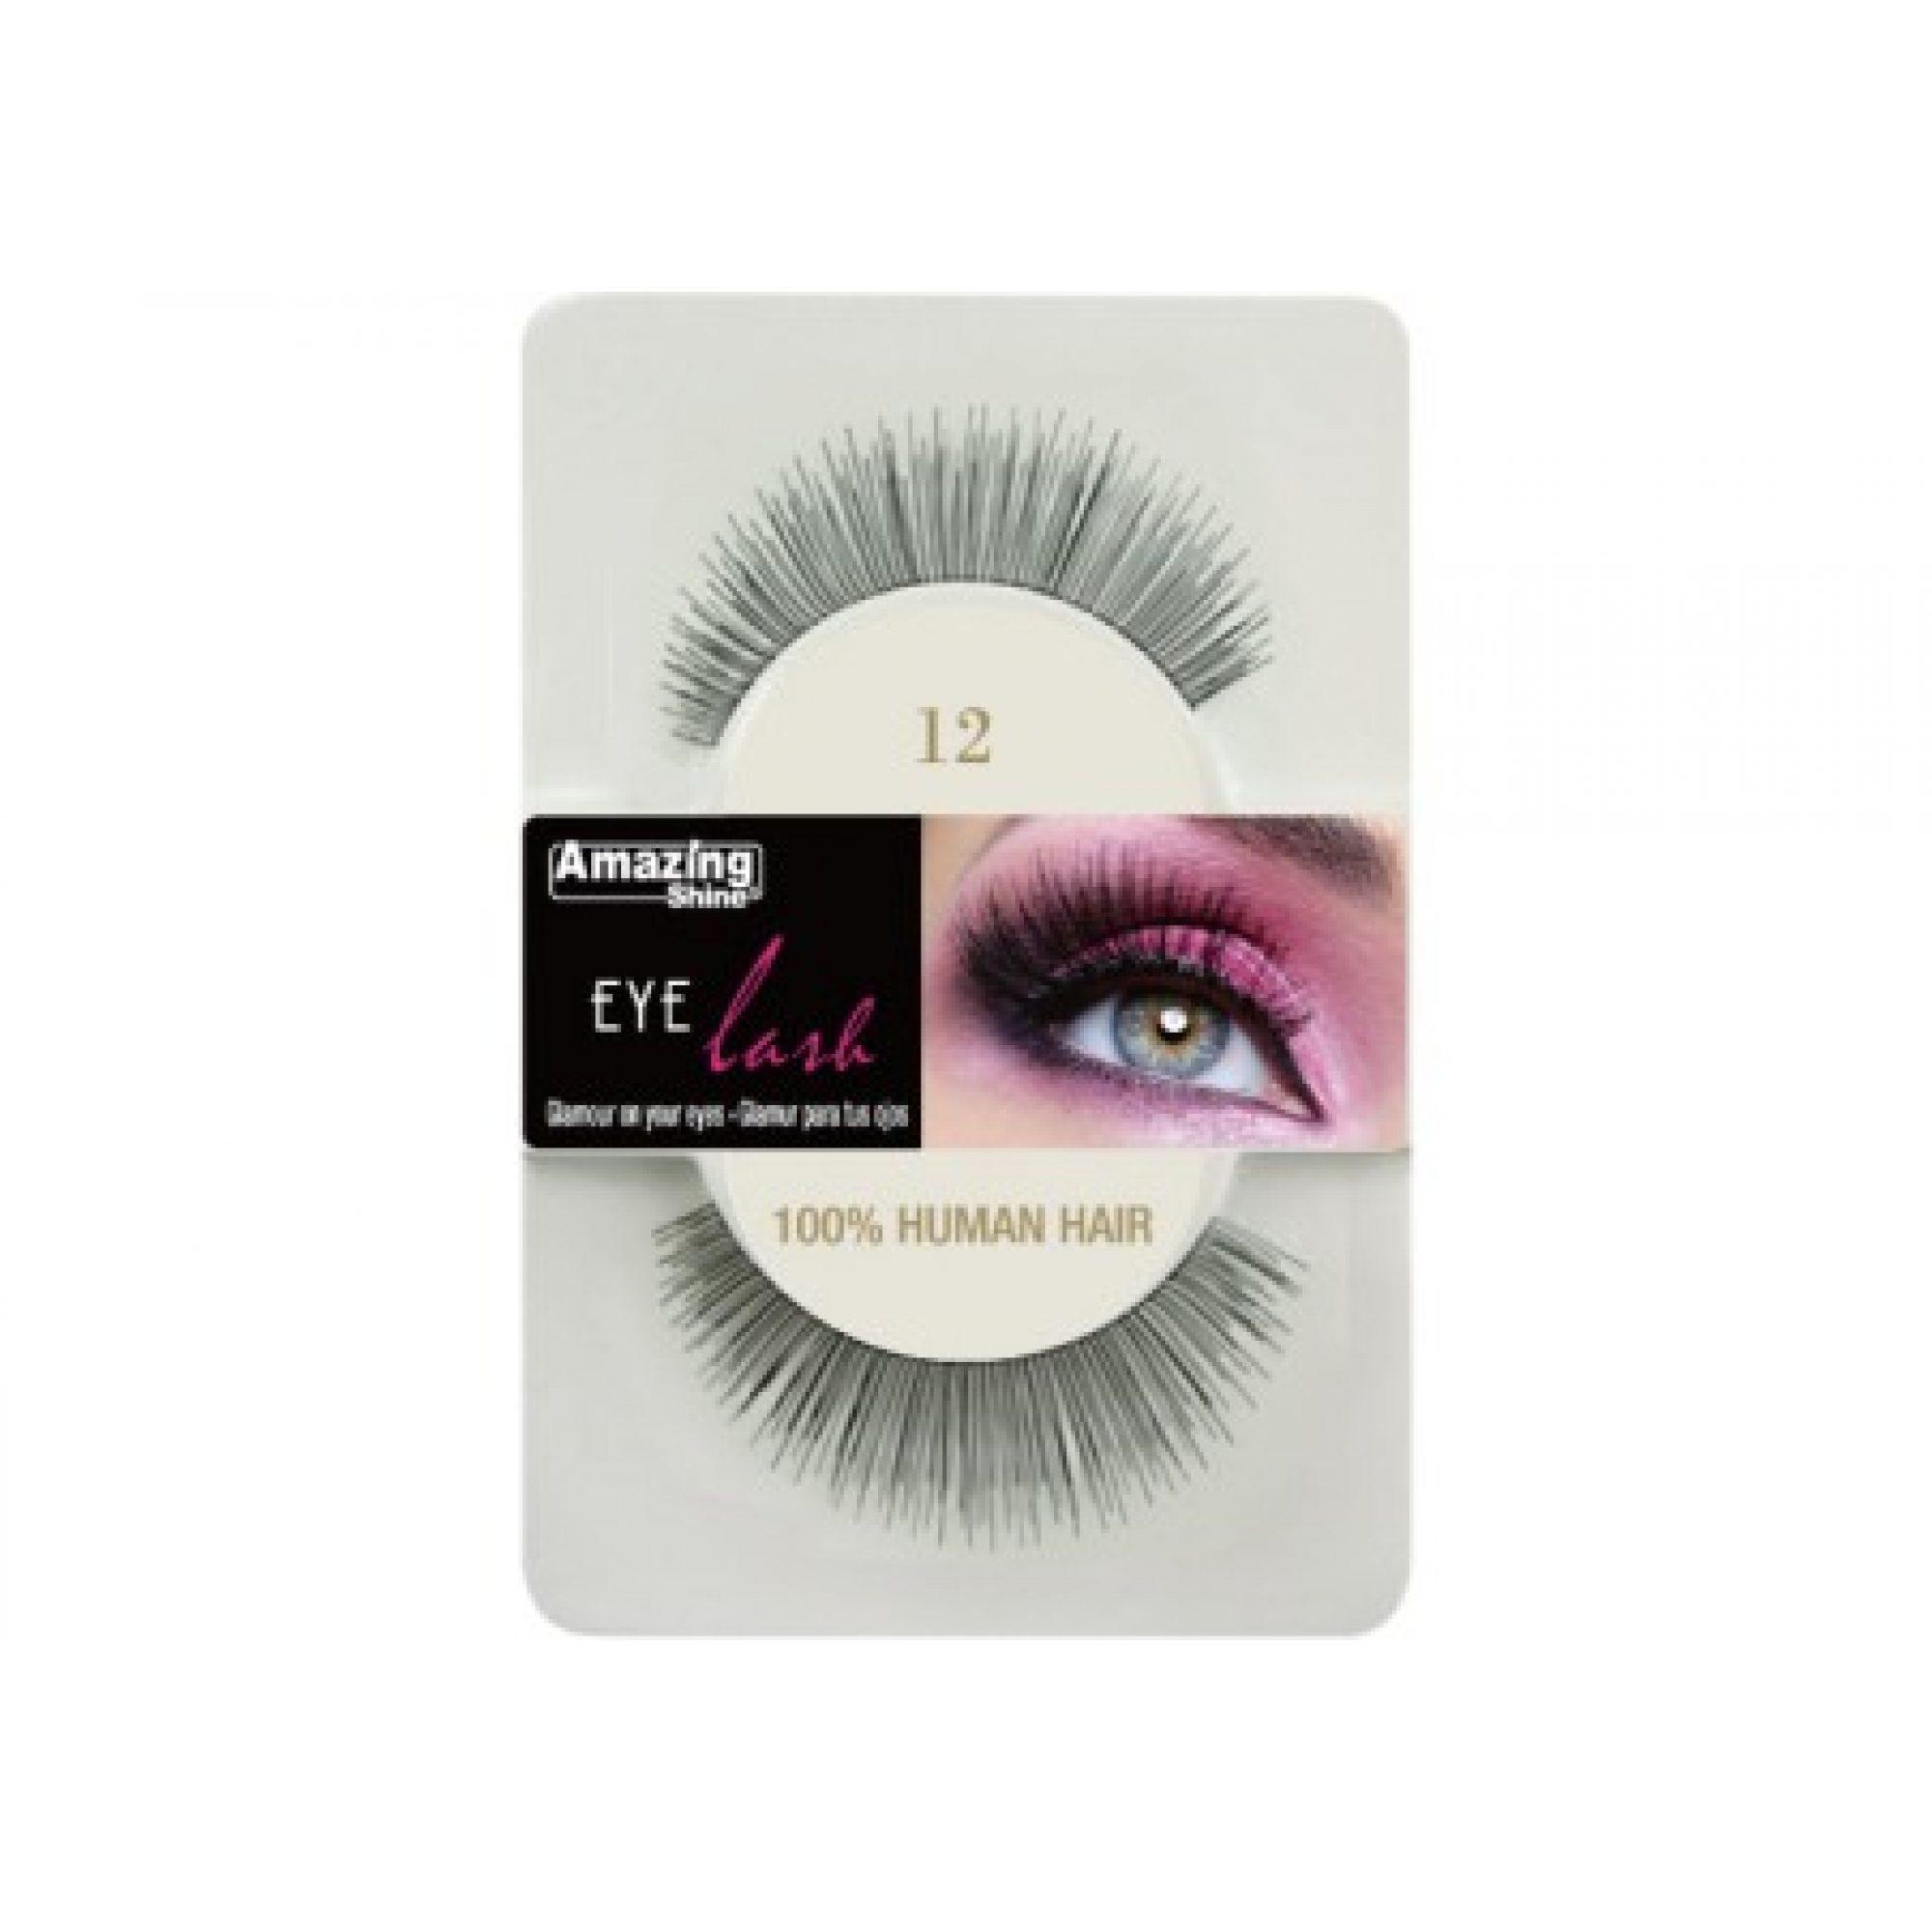 Amazing Shine Eyelashes 12